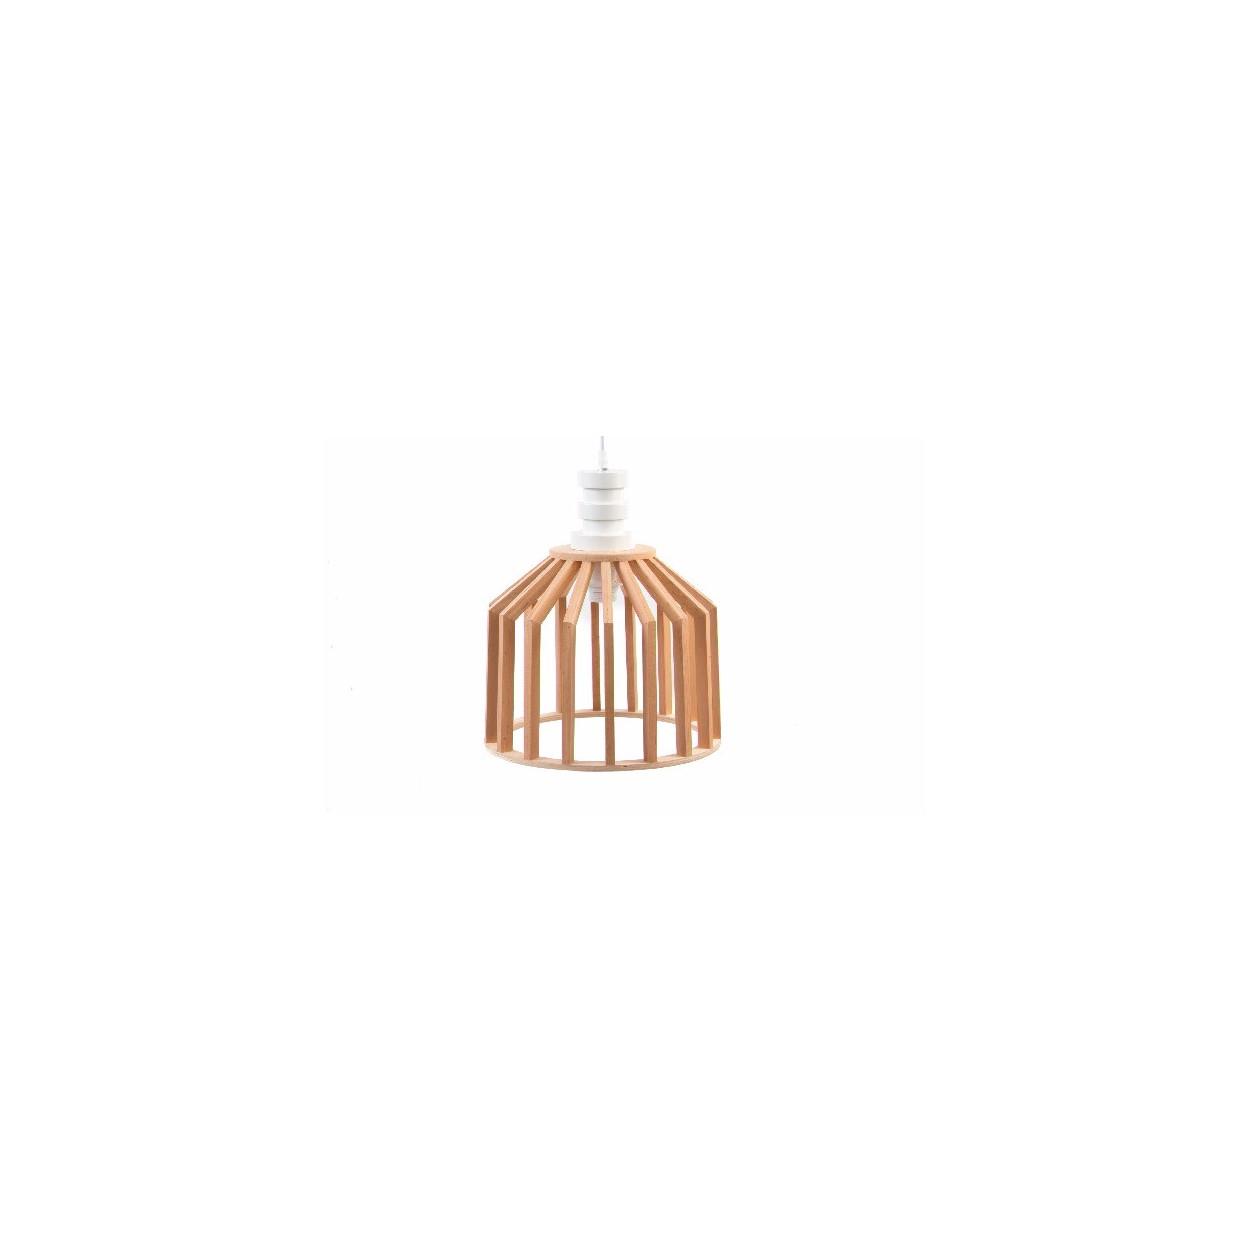 Hogar y m s l mpara de techo de estilo n rdico madera for Lamparas techo diseno